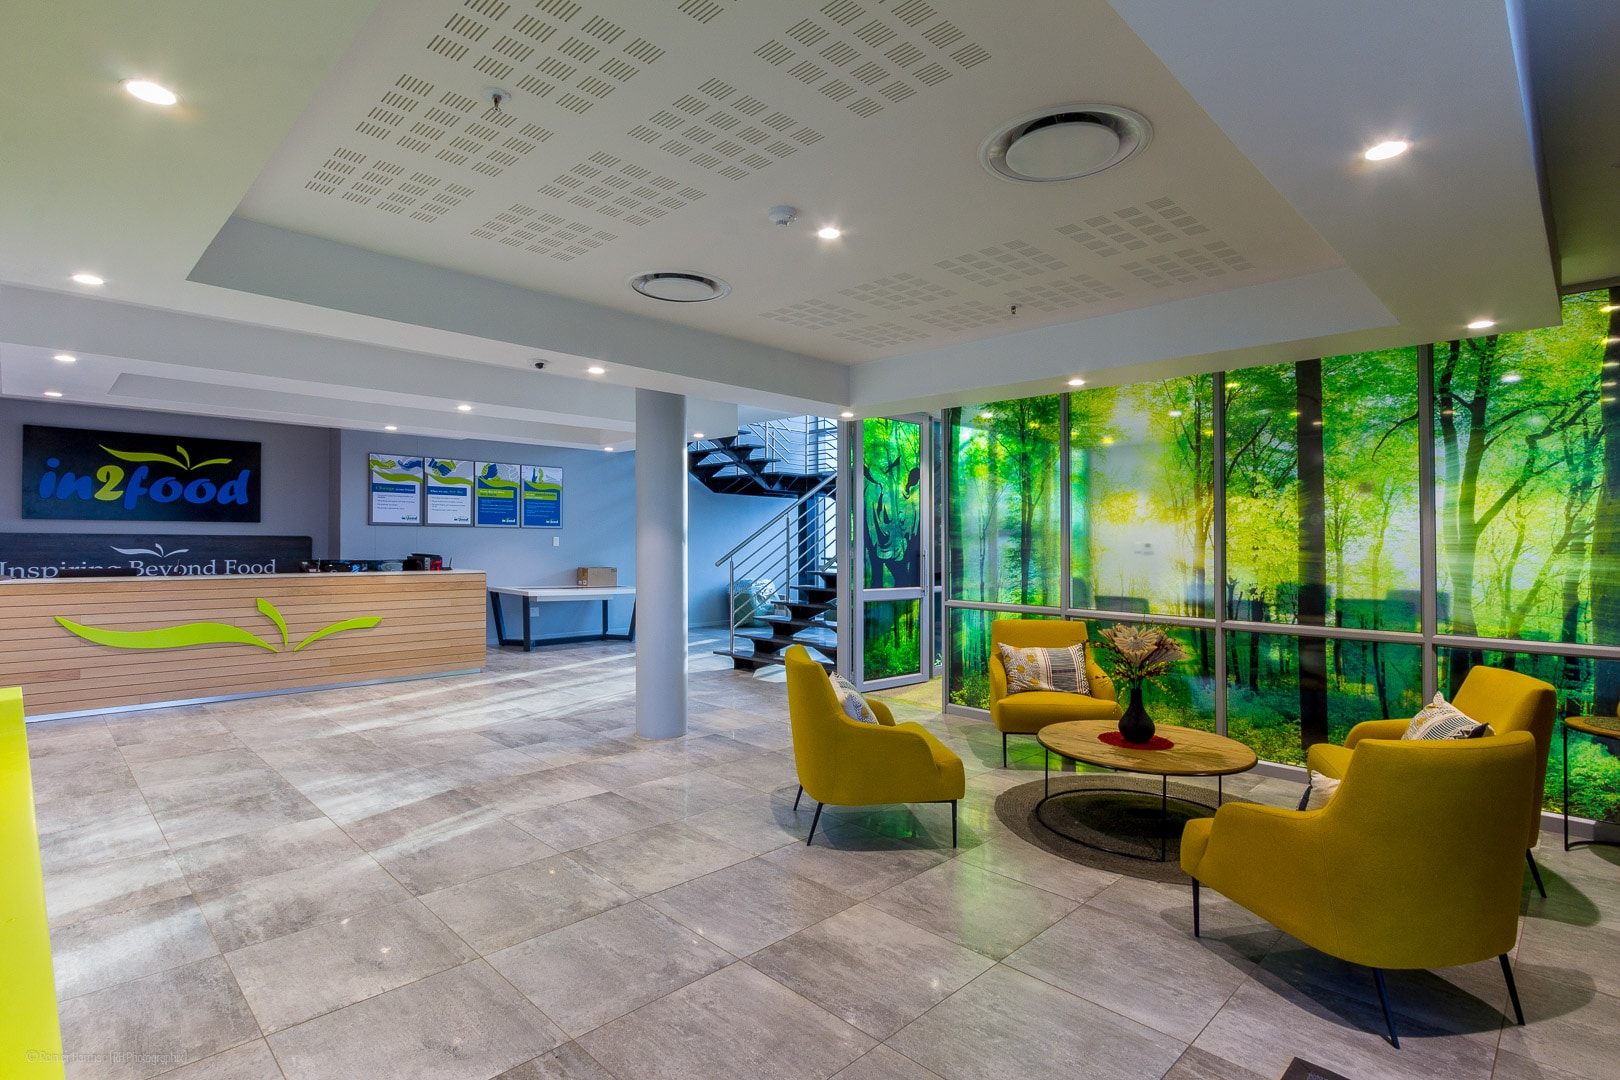 RHPX_Portfolio_Airport In2Food Interior-5